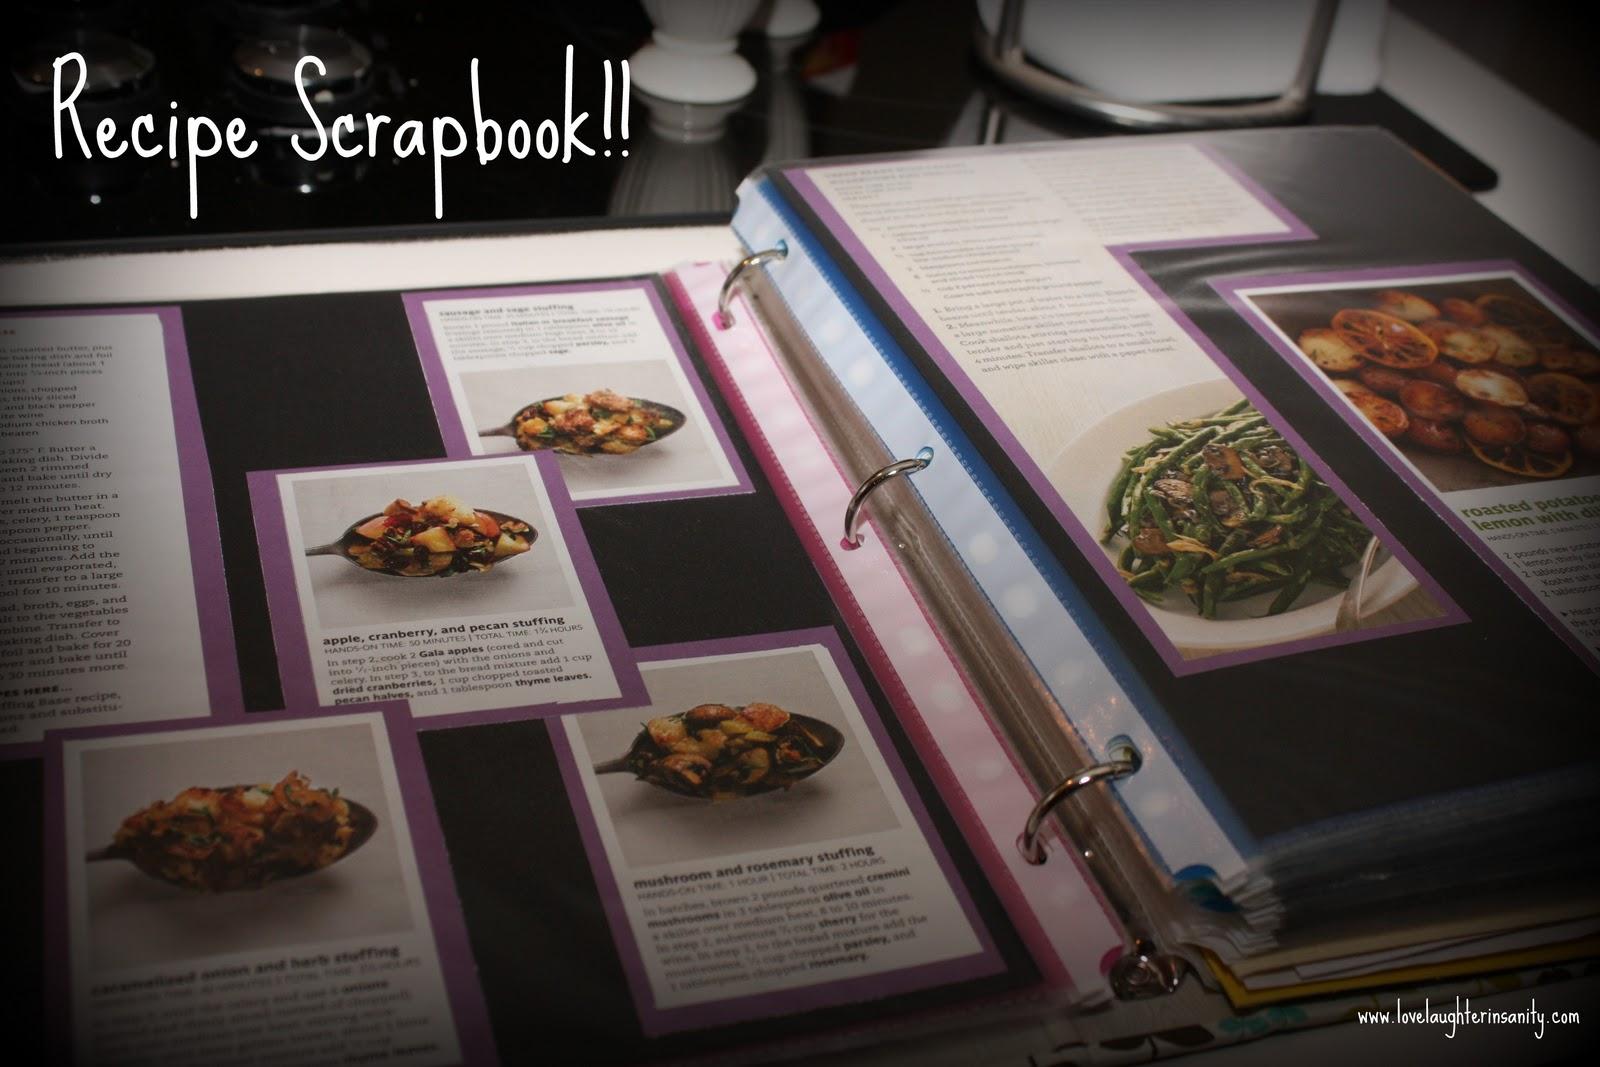 How to scrapbook a recipe book - Recipe Scrapbook